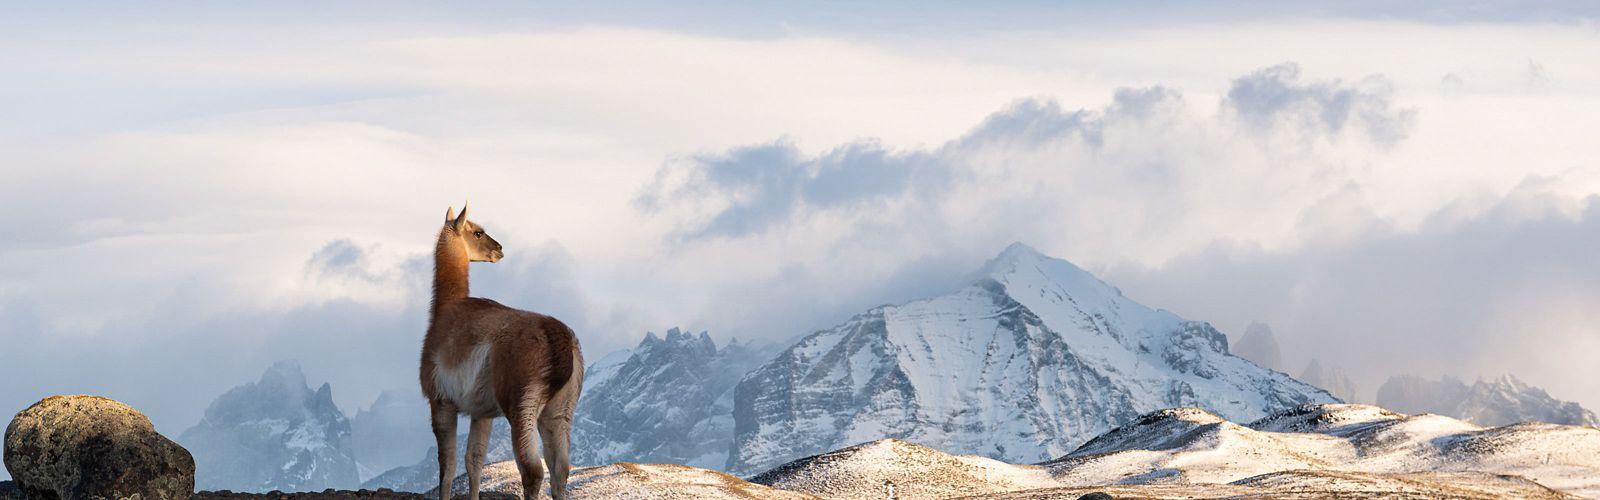 Un Guanaco observa su território en el  Parque Nacional de Torres del Paine, Chile